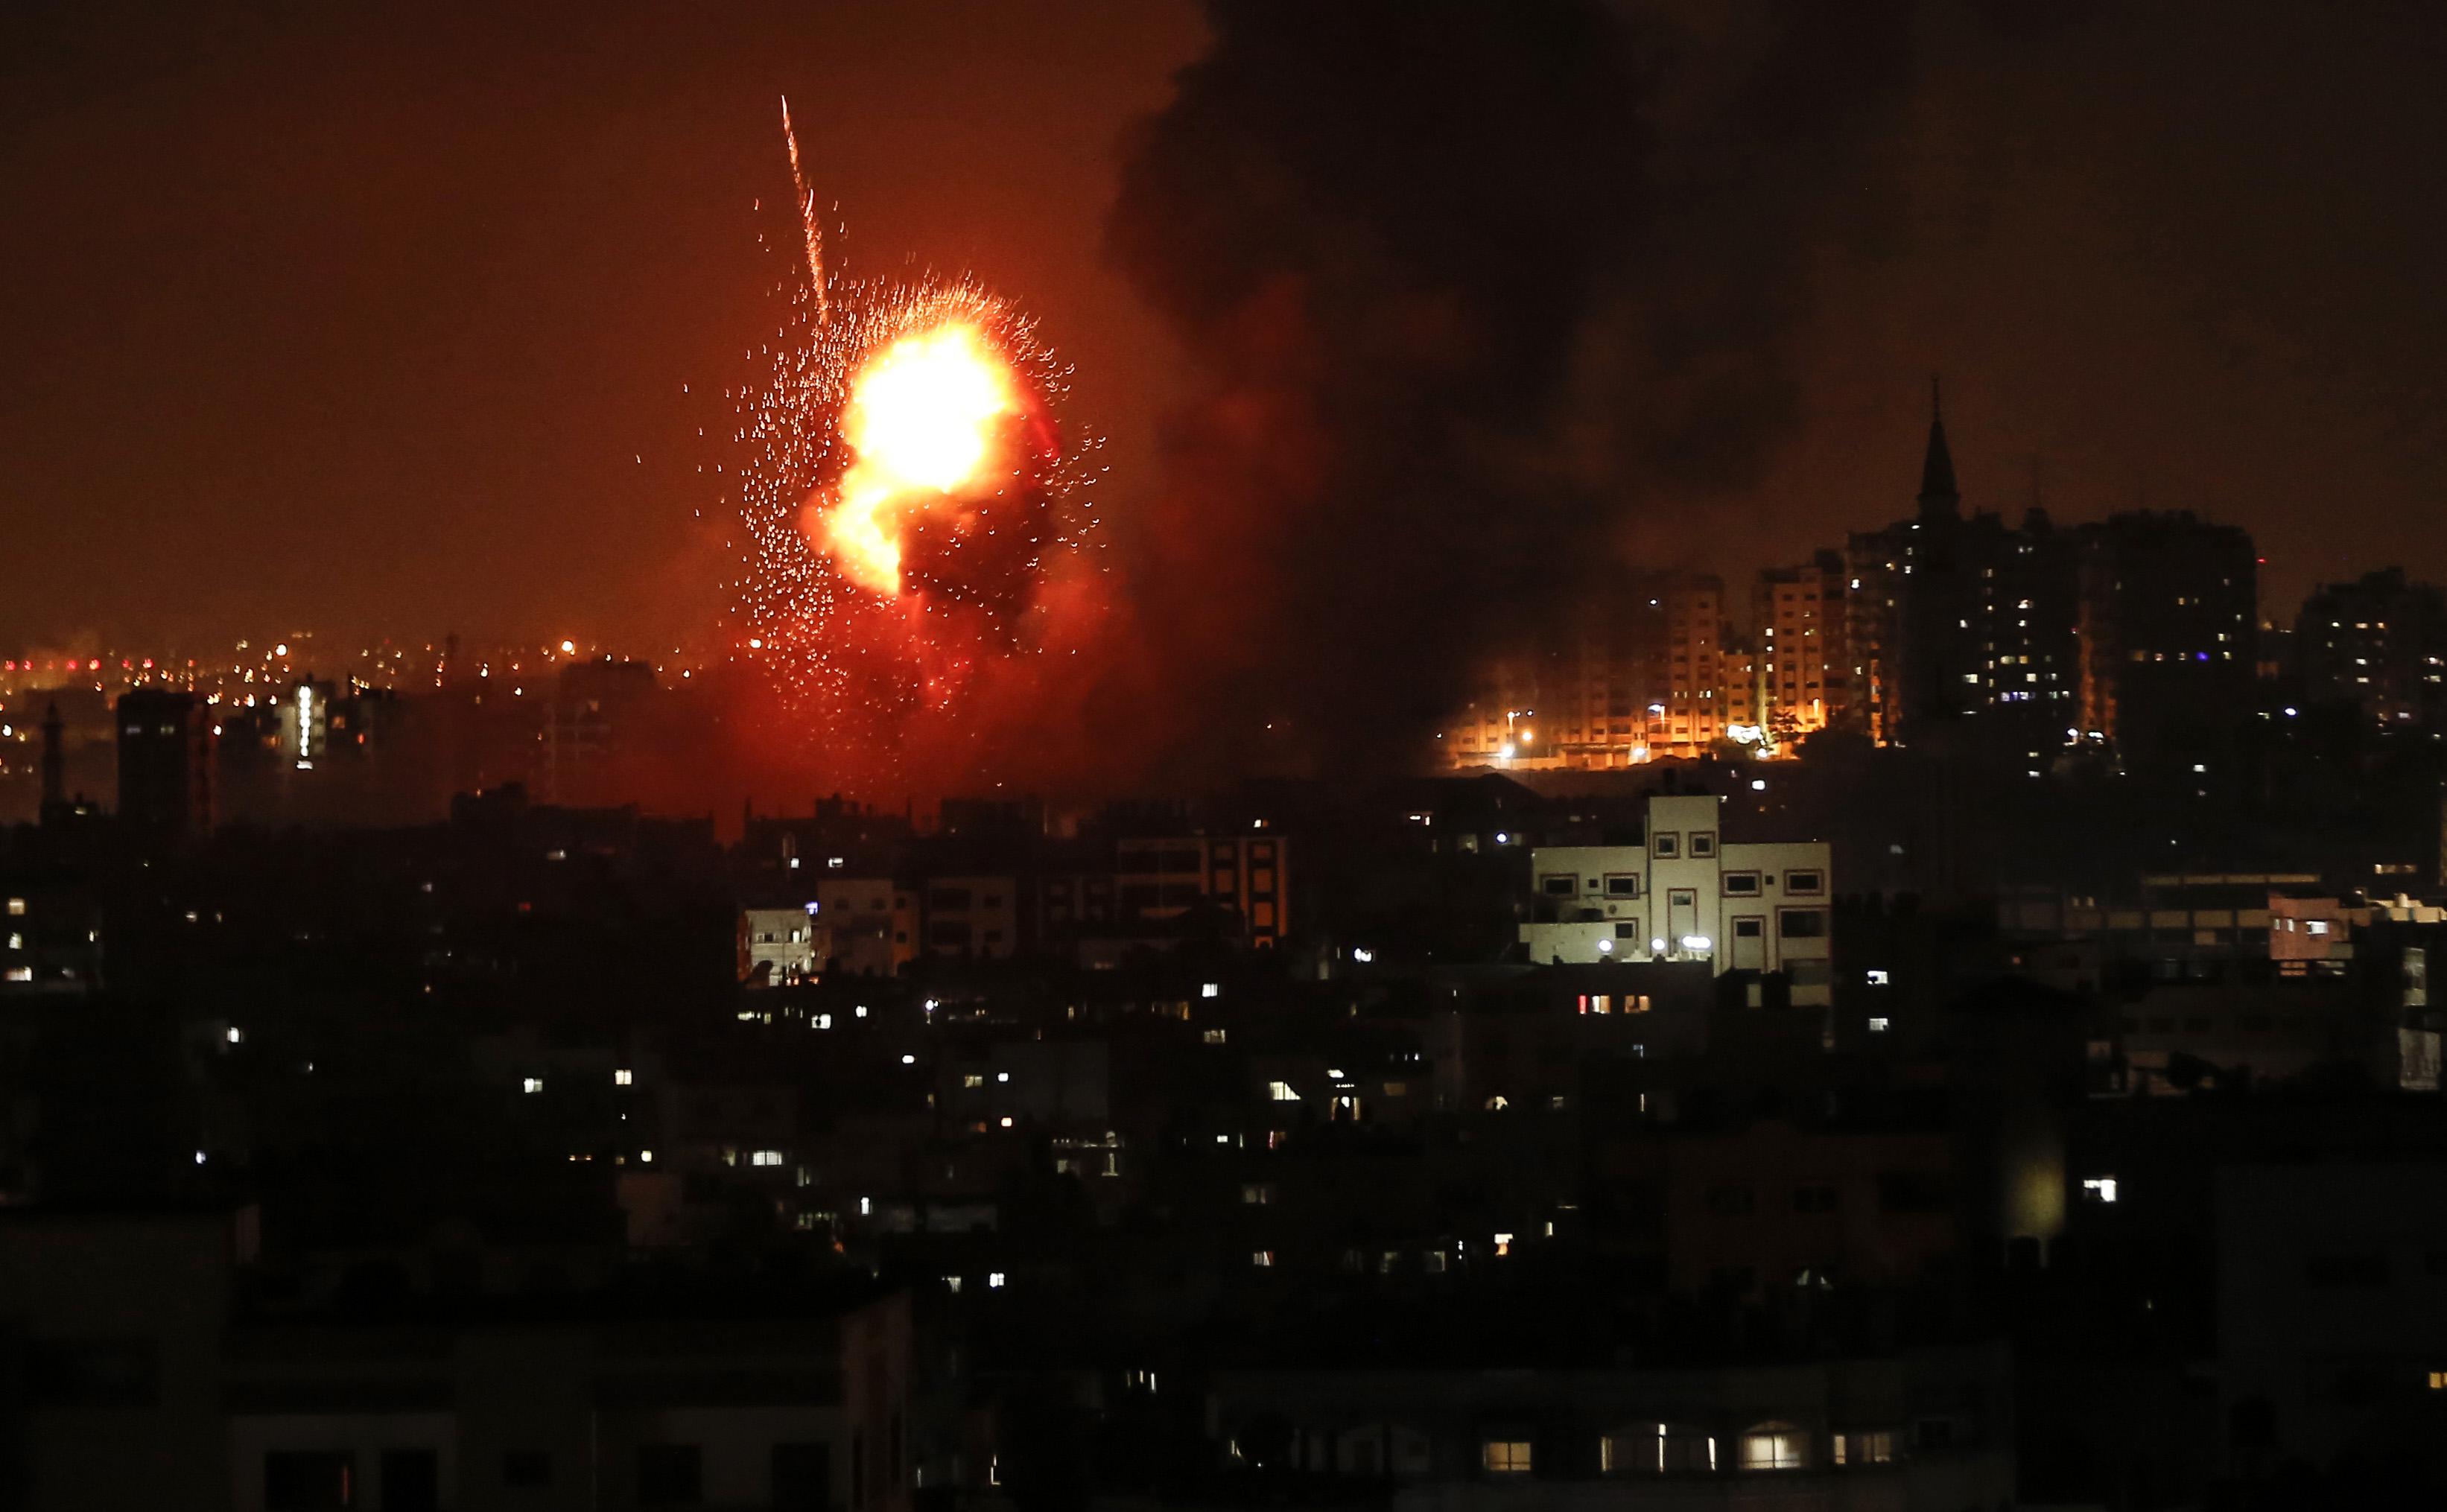 ارتفاع اللهب جراء عنف الاحتلال